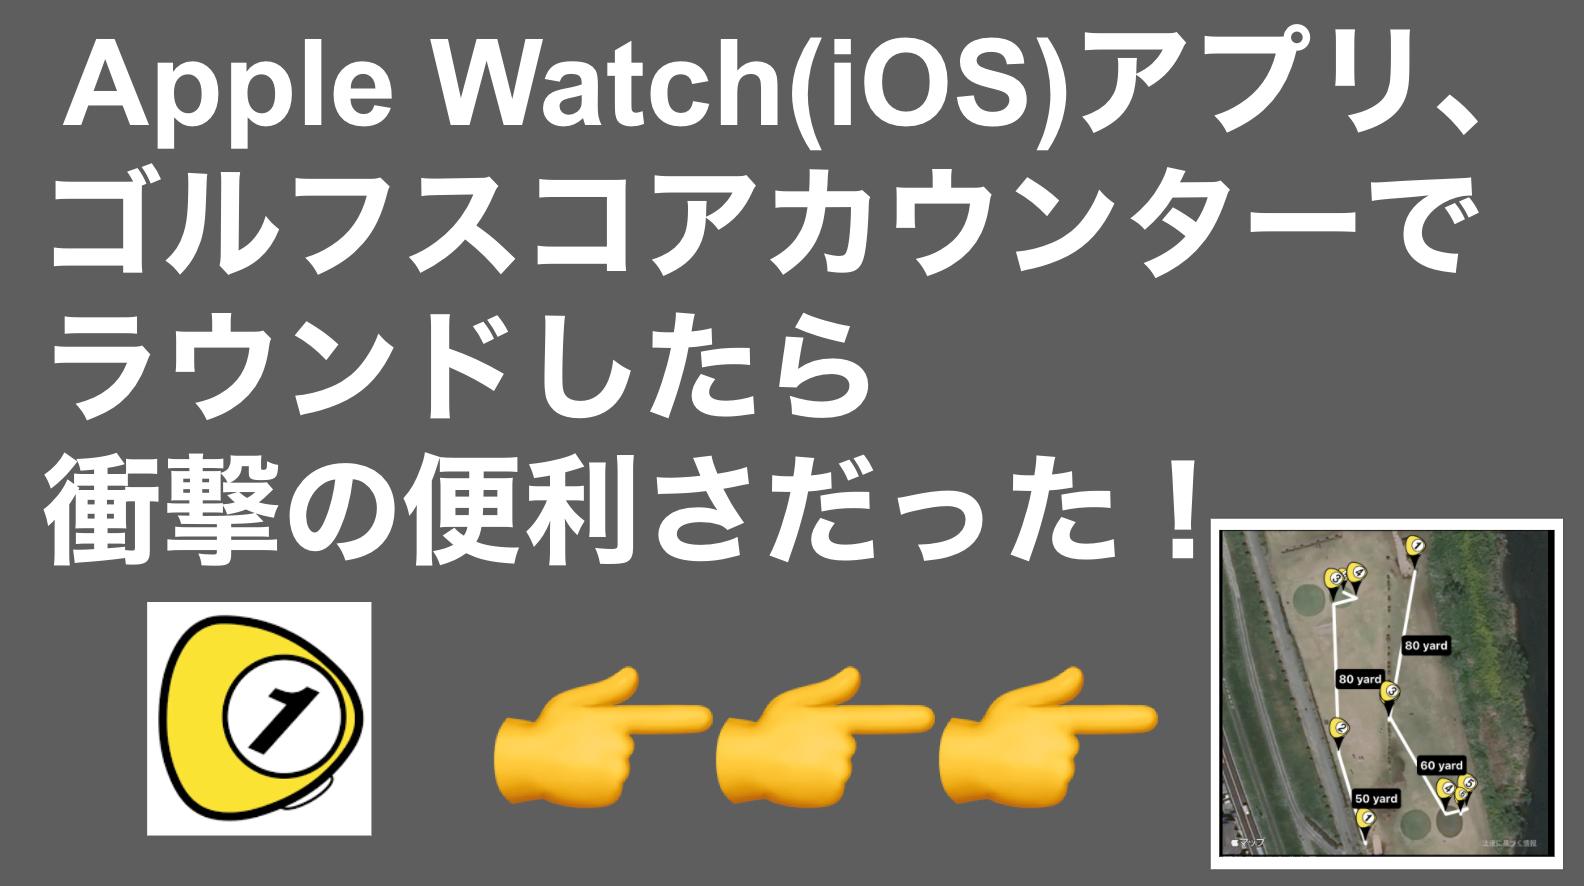 おすすめゴルフアプリドットコム_ Apple Watch(iOS)アプリ、ゴルフスコアカウンターでラウンドしたら衝撃の便利さだった!